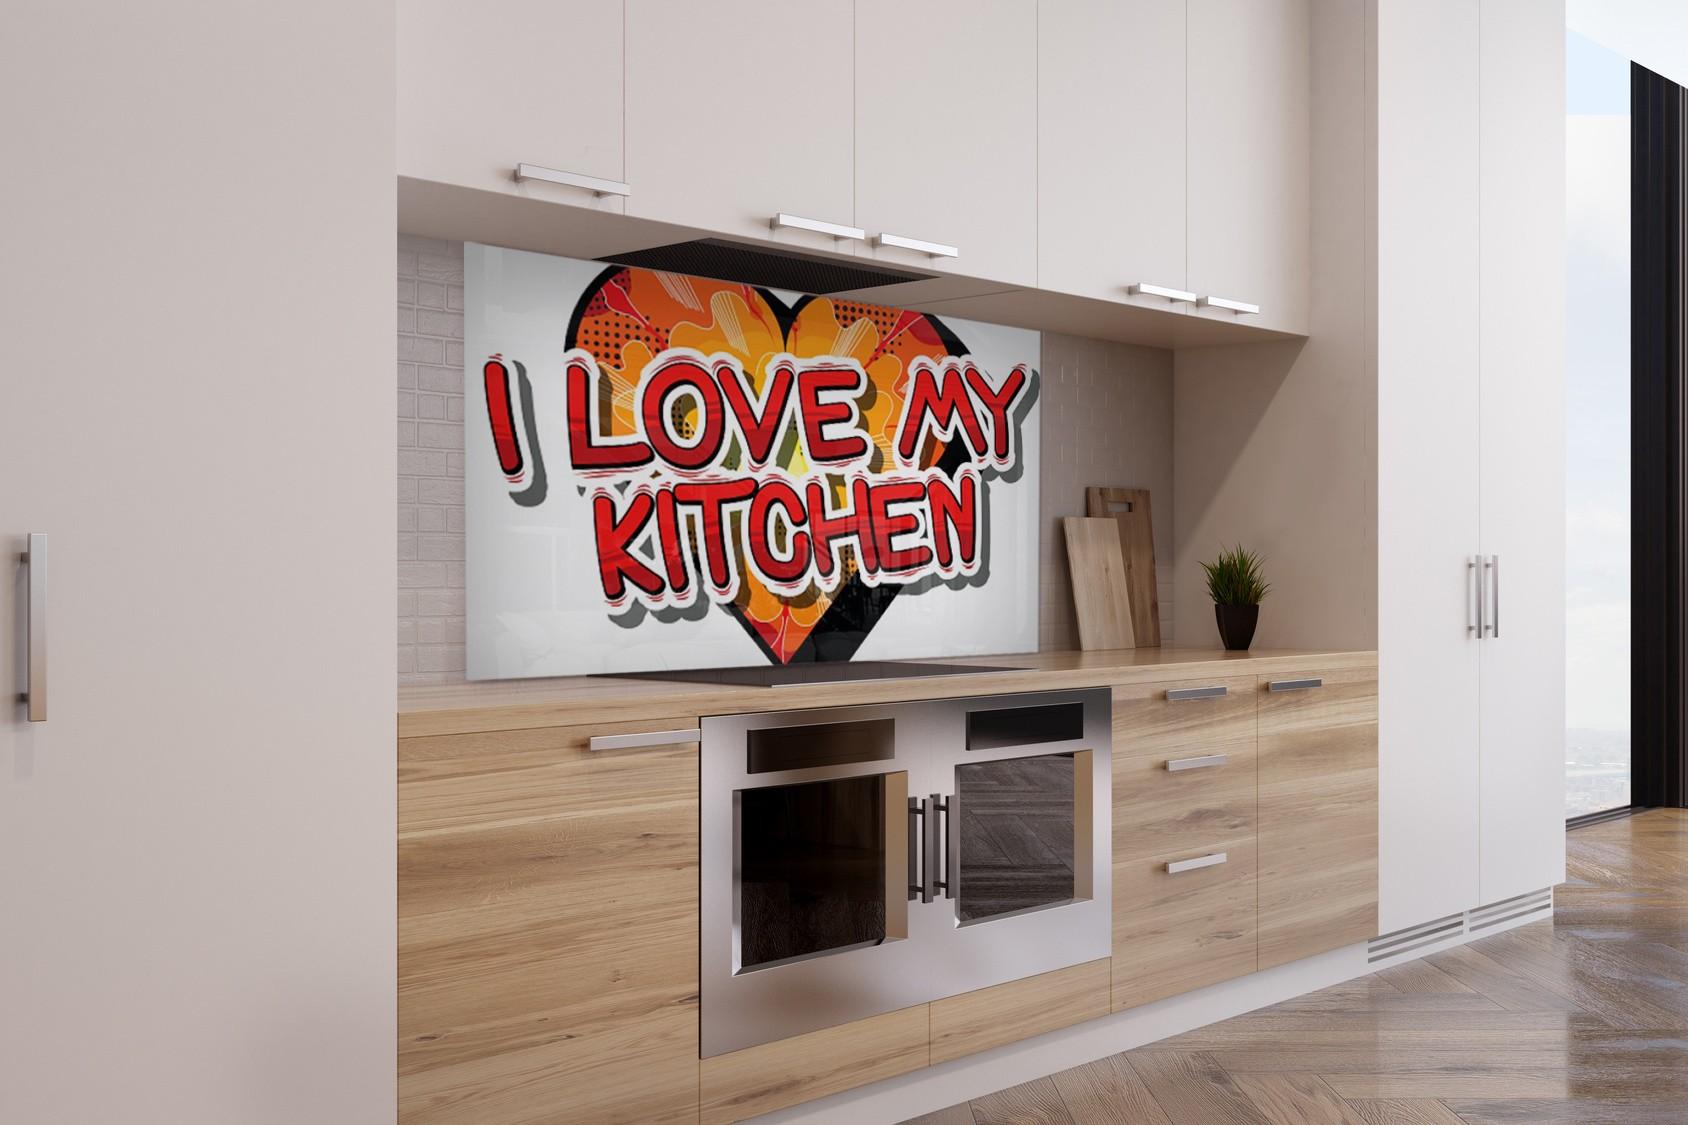 fond de hotte i love my kitchen verre alu credence cuisine deco. Black Bedroom Furniture Sets. Home Design Ideas